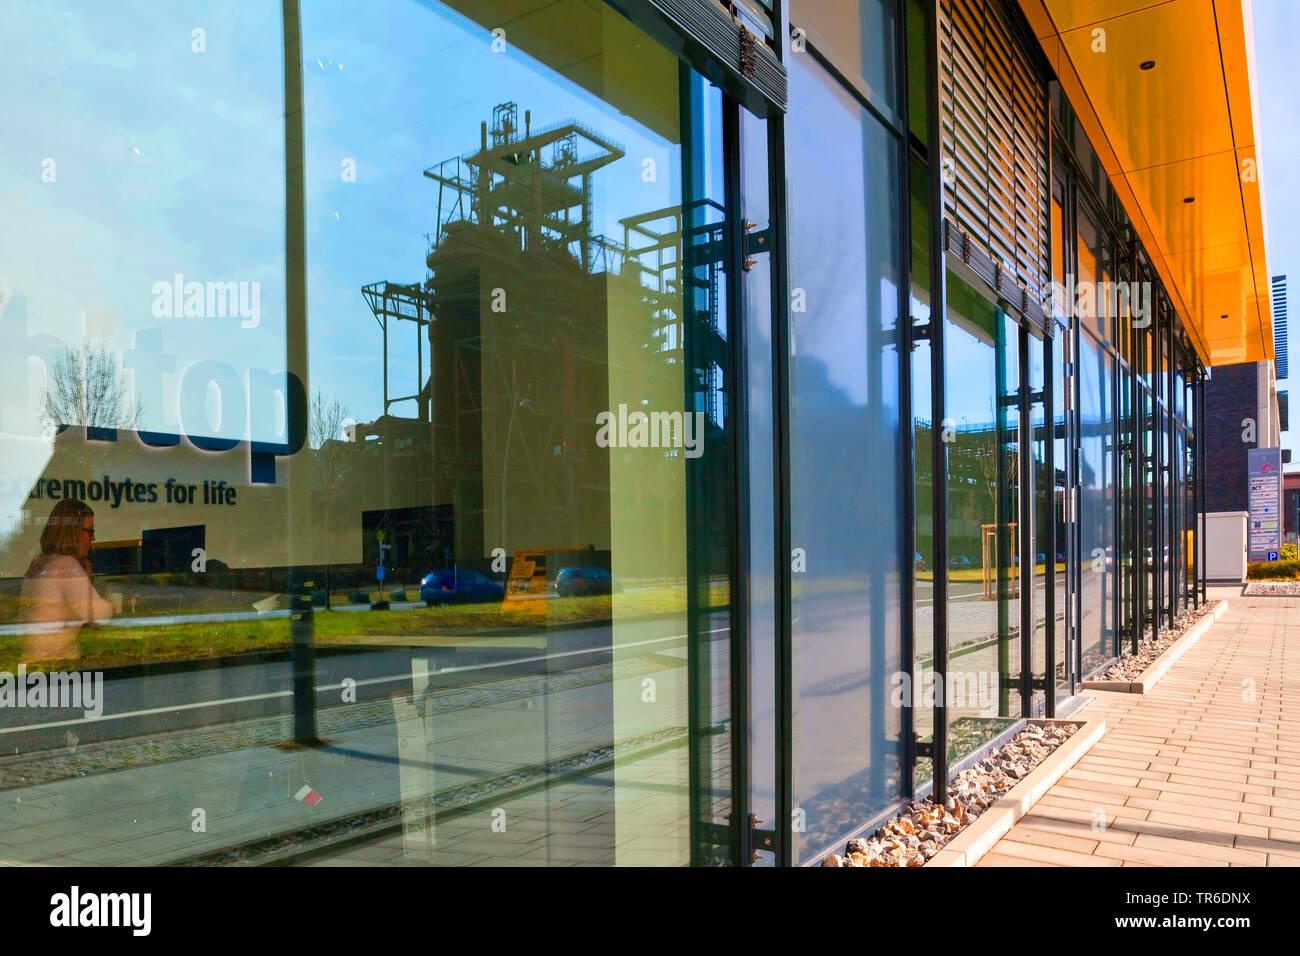 Industrieanlage Phoenix West spiegelt sich in den Glasscheiben der Firma bitop, Deutschland, Nordrhein-Westfalen, Ruhrgebiet, Dortmund | industrial pl - Stock Image